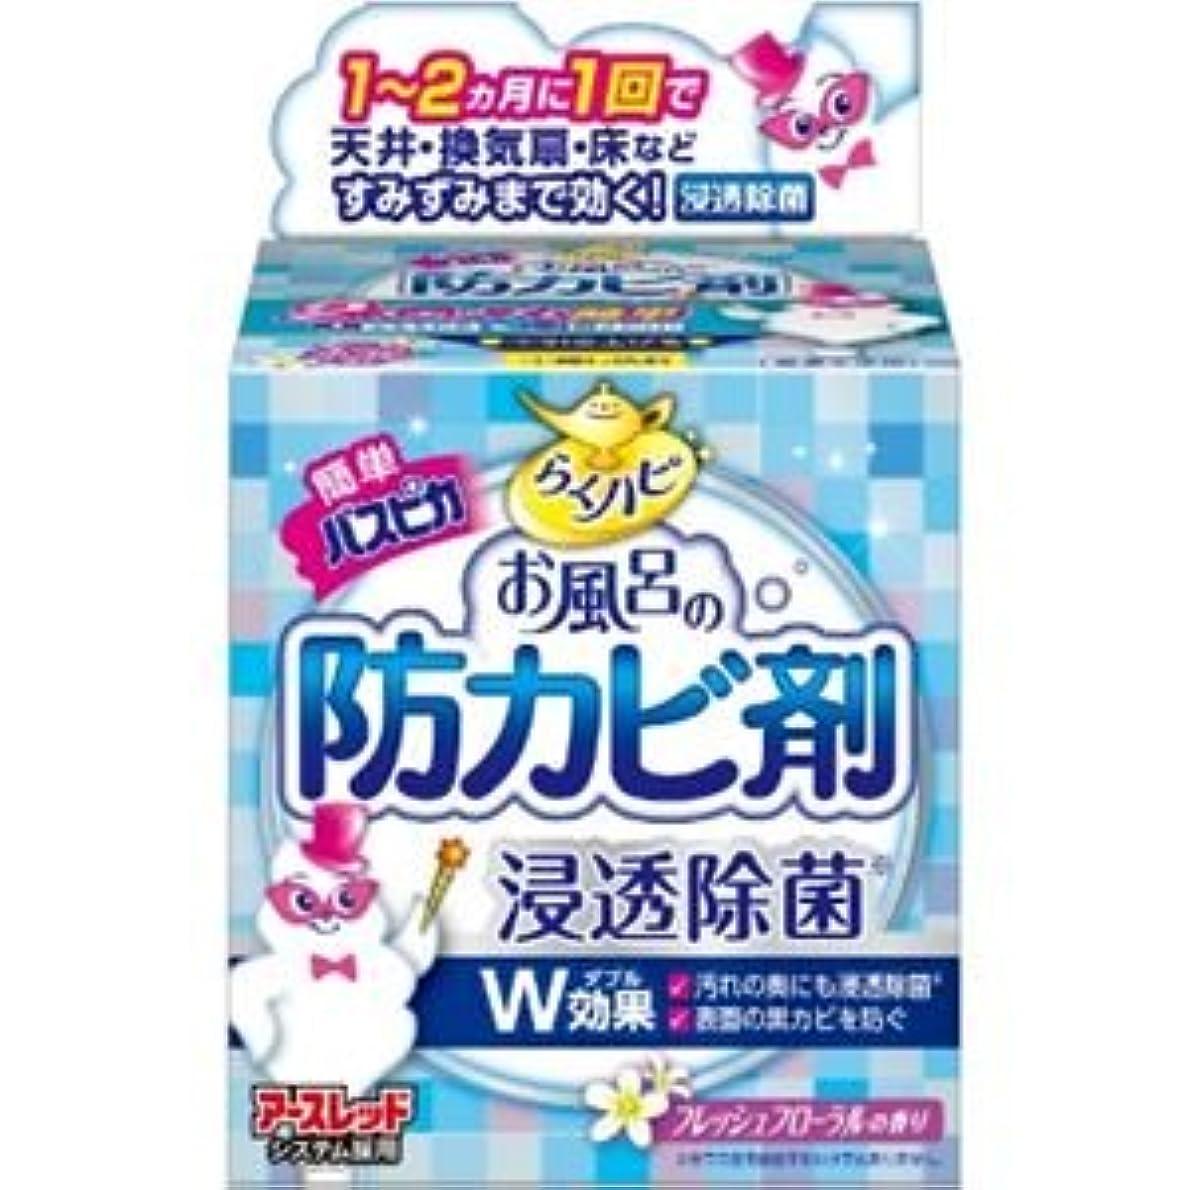 銀河ミリメートルバックアップ(まとめ)アース製薬 らくハピお風呂の防カビ剤フローラルの香り 【×3点セット】